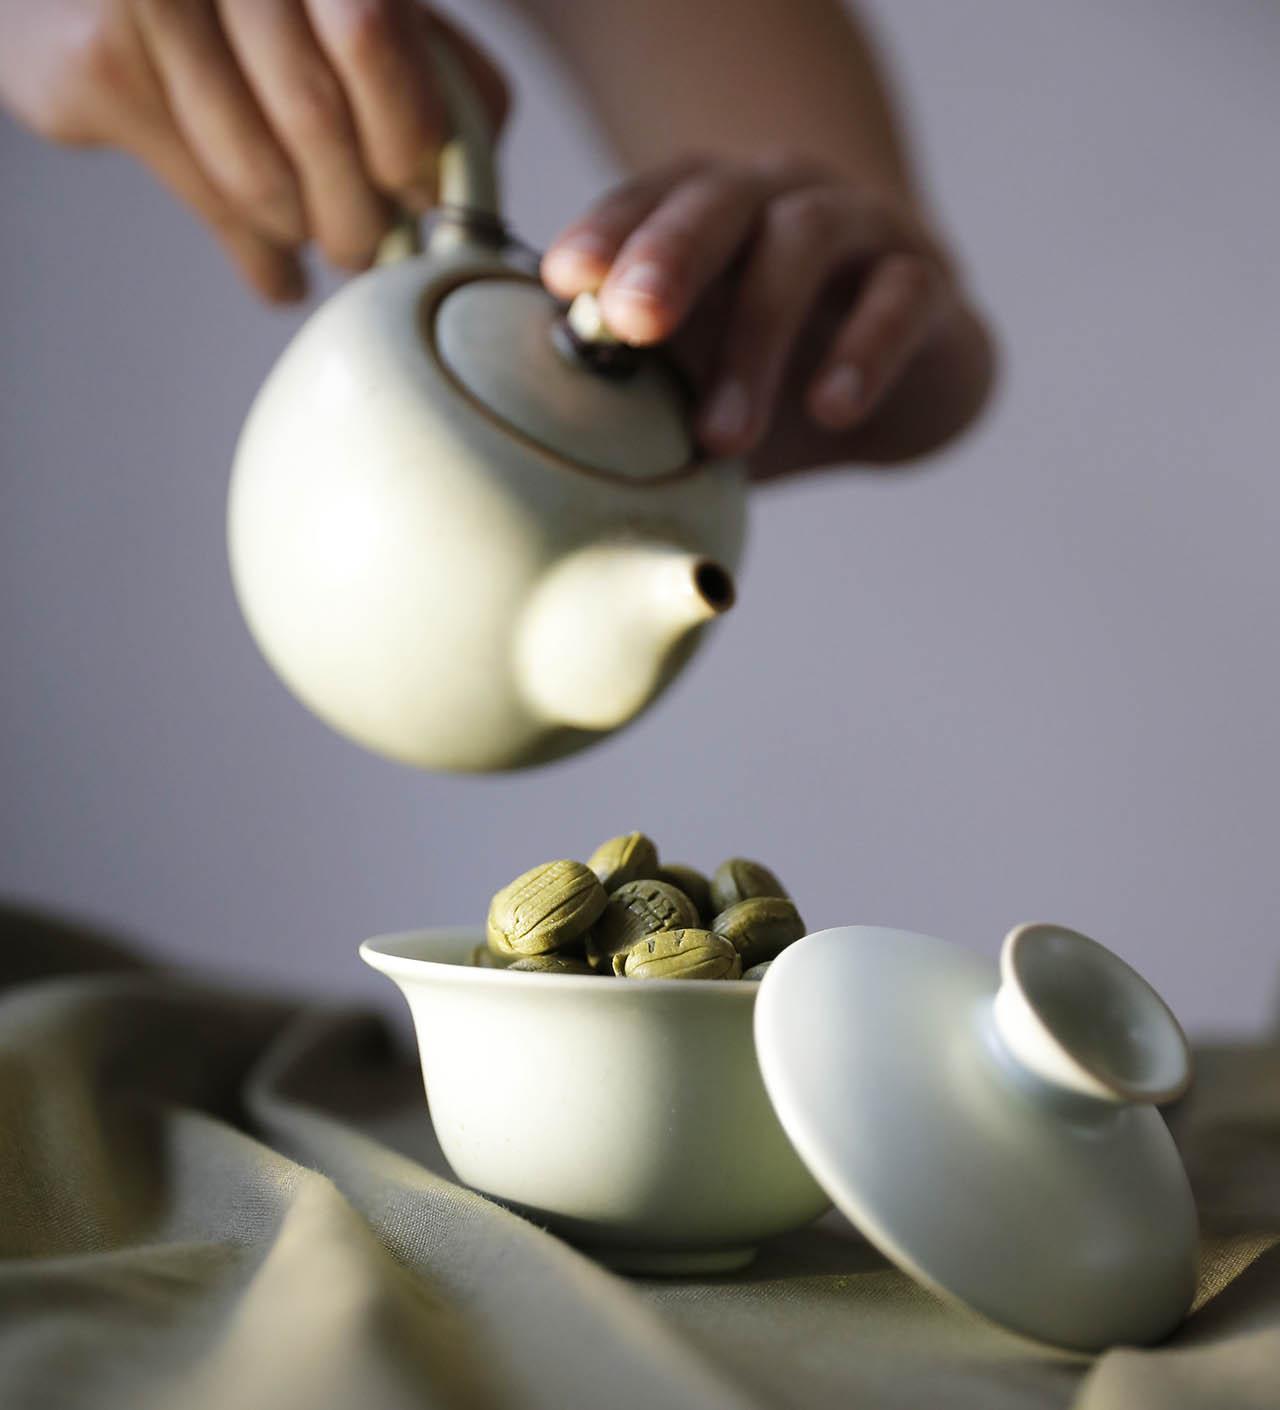 嚴選的碧螺春茶所製成的糖,是精心手摘挑選茶葉,帶著濃郁的碧螺春茶香!在海拔200公尺丘陵有機茶園的礫質與砂質壤土上,凝聚了春日的嫩翠芬芳和時雨,所以有著獨特的甘甜清香。   甘樂文創   甘之如飴,樂在其中